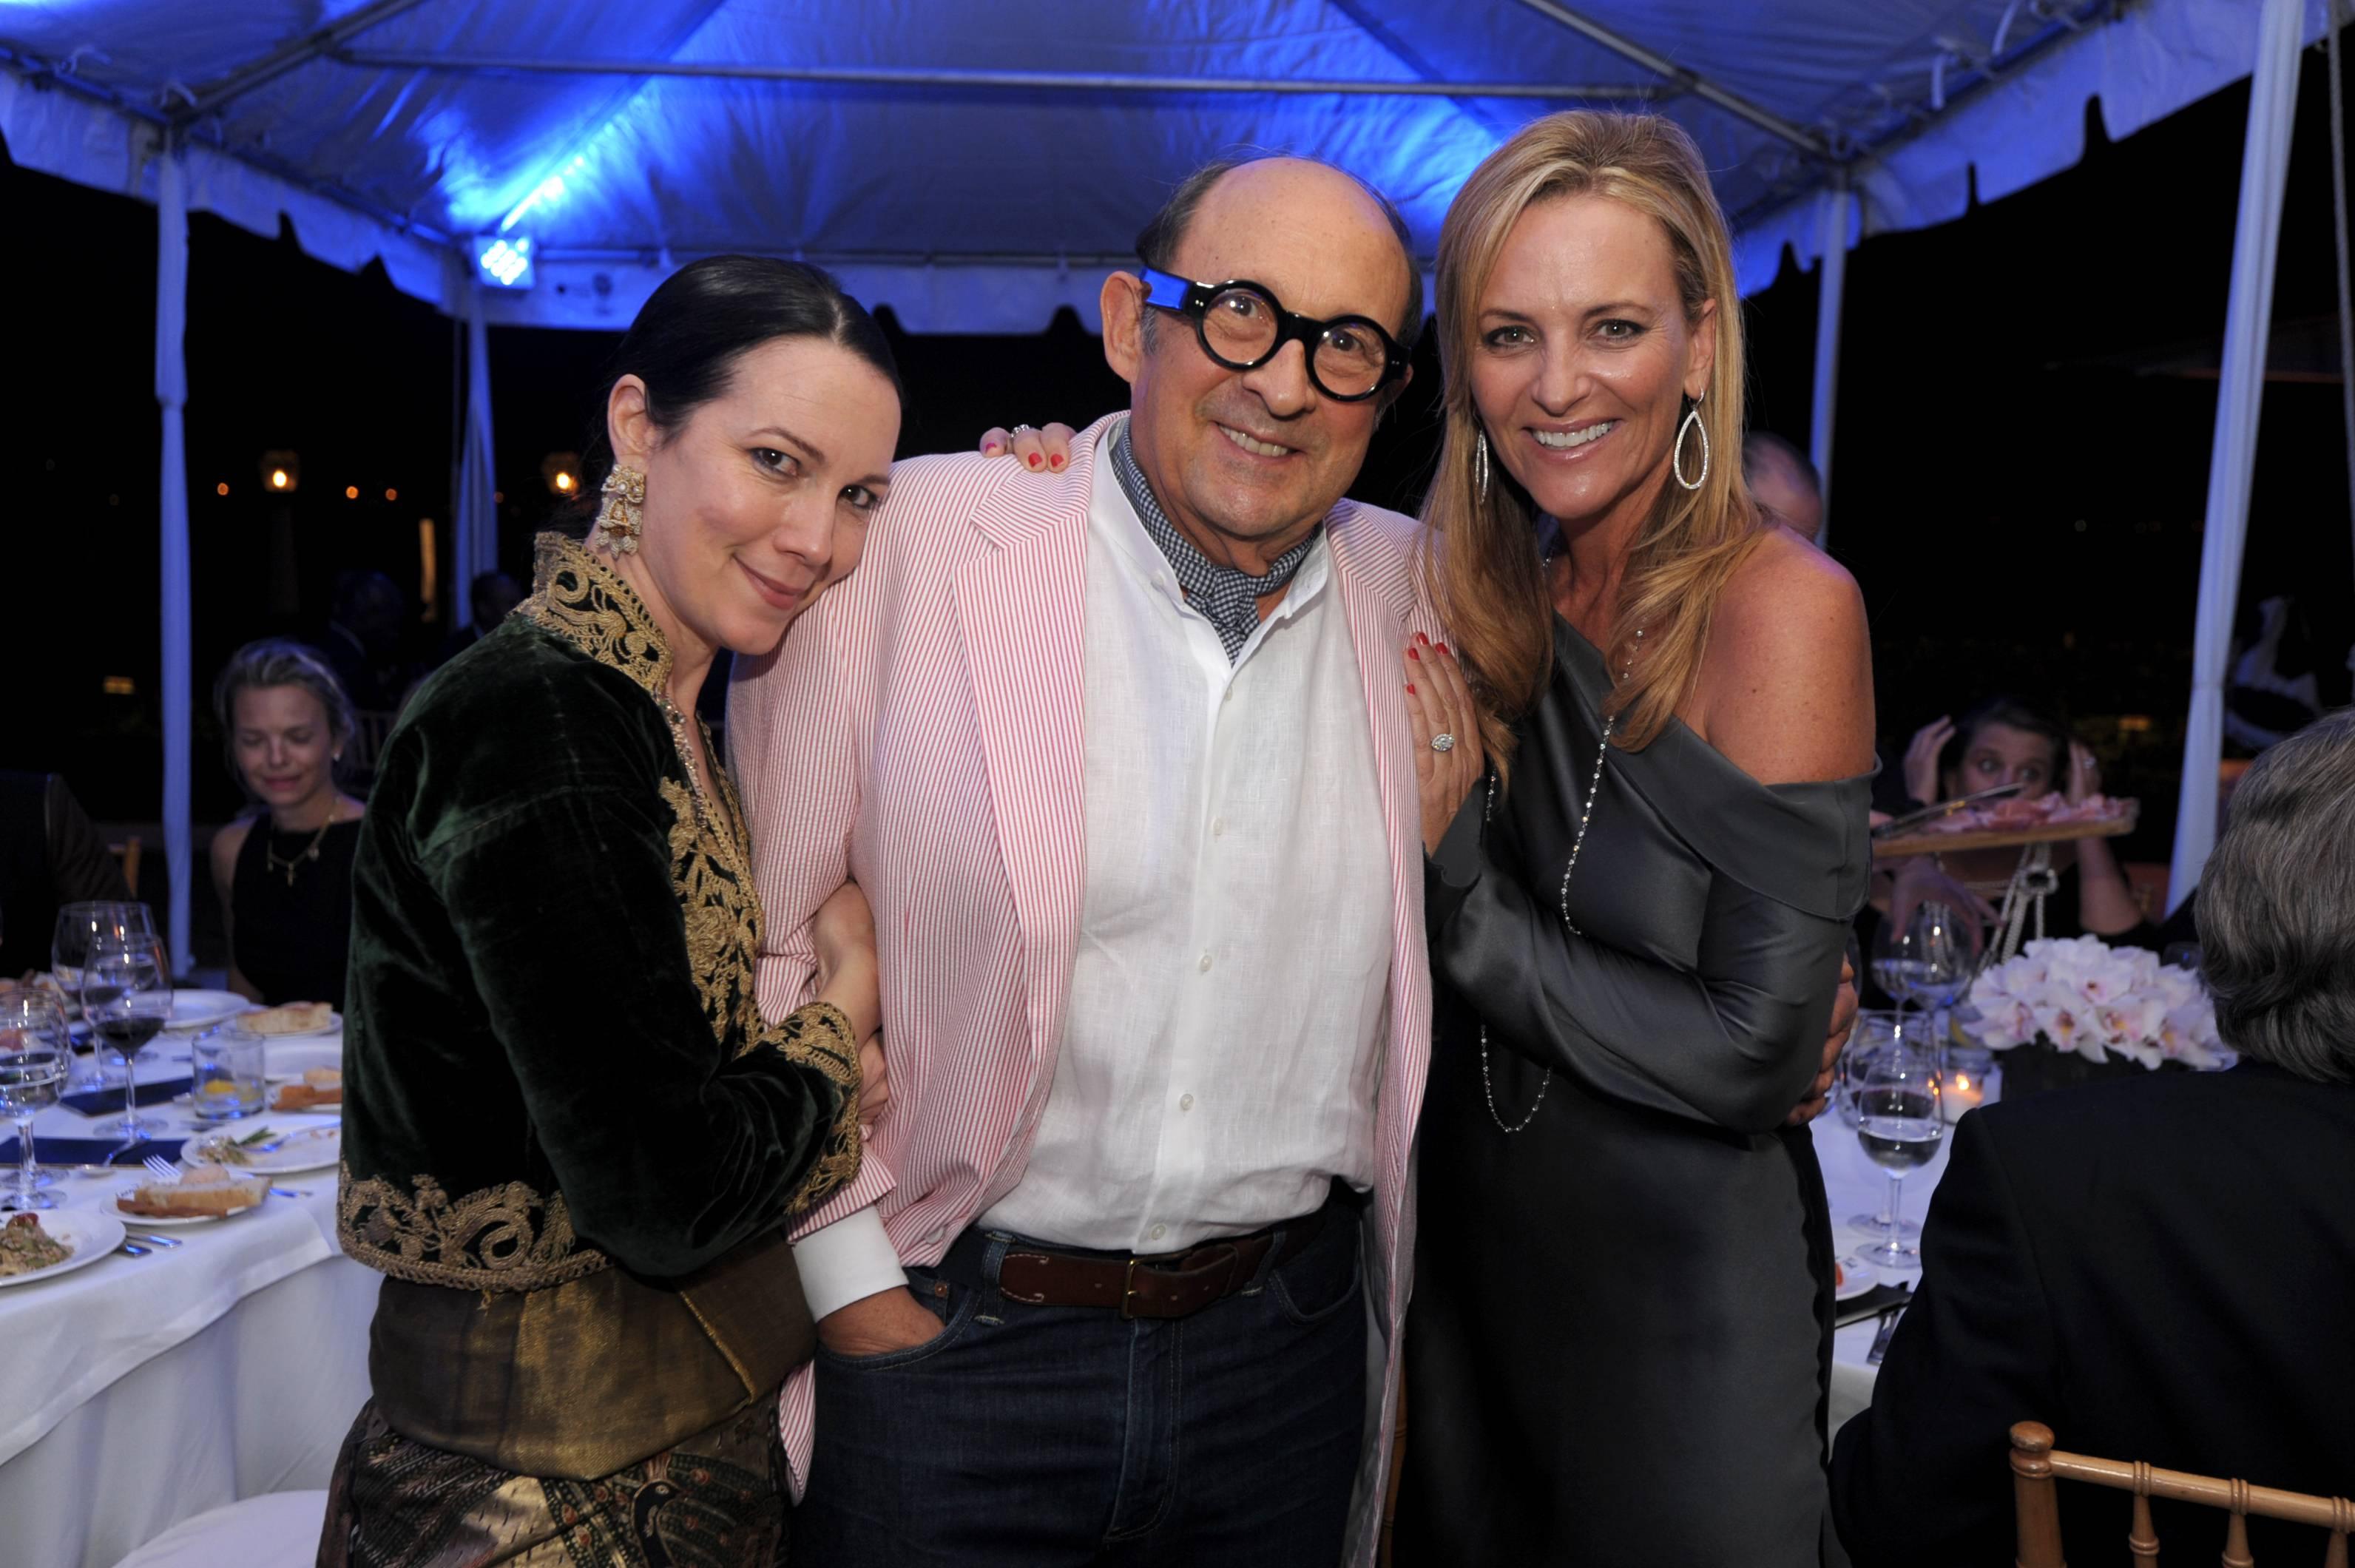 Adrienne bon Haes, Marvin Ross Friedman, & Lisa Petrillo